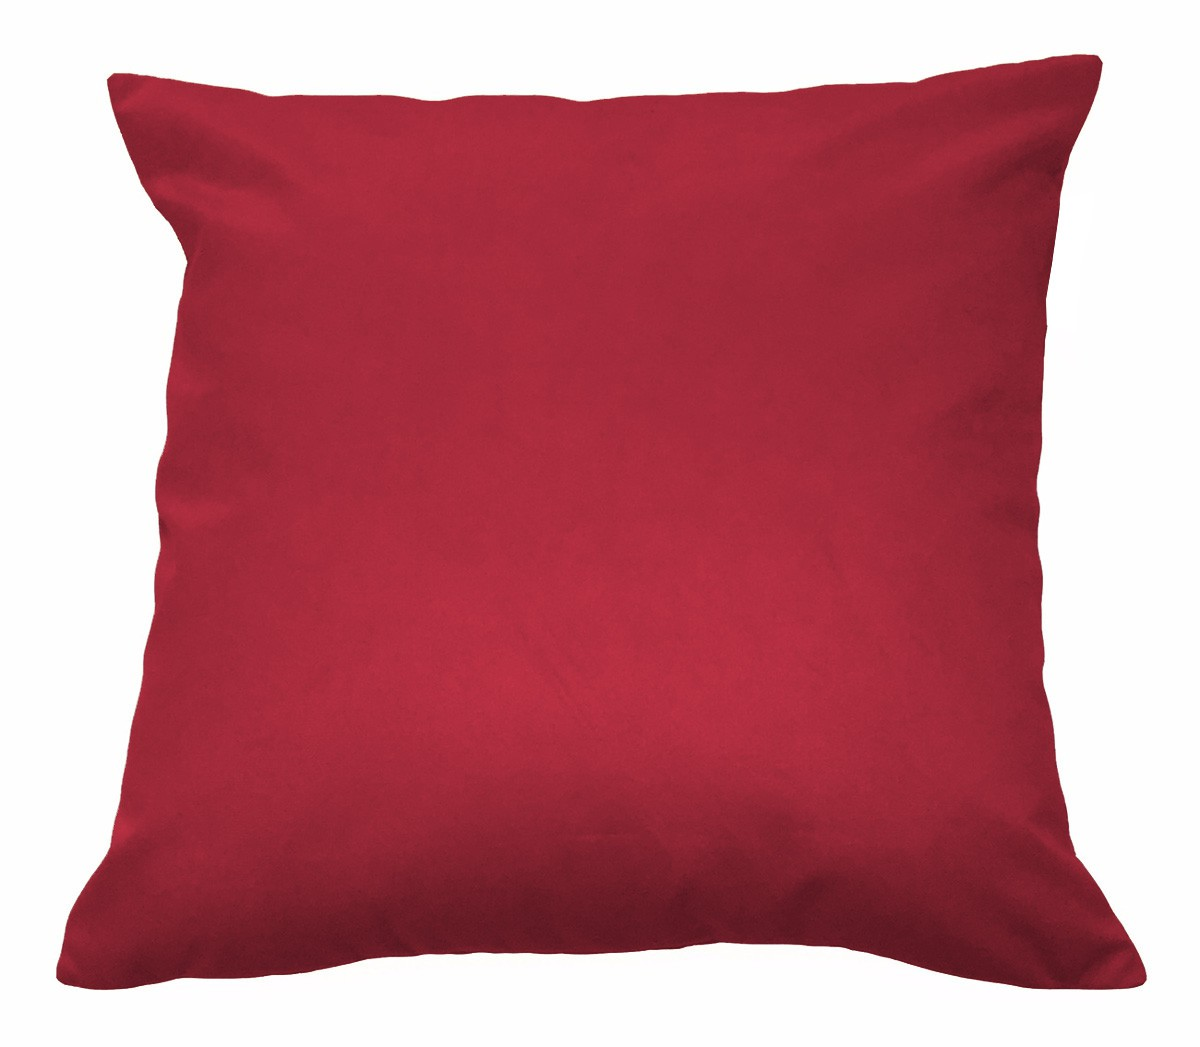 Kit 2 Almofadas Decorativas 50x50 Tecido Suede Vermelho